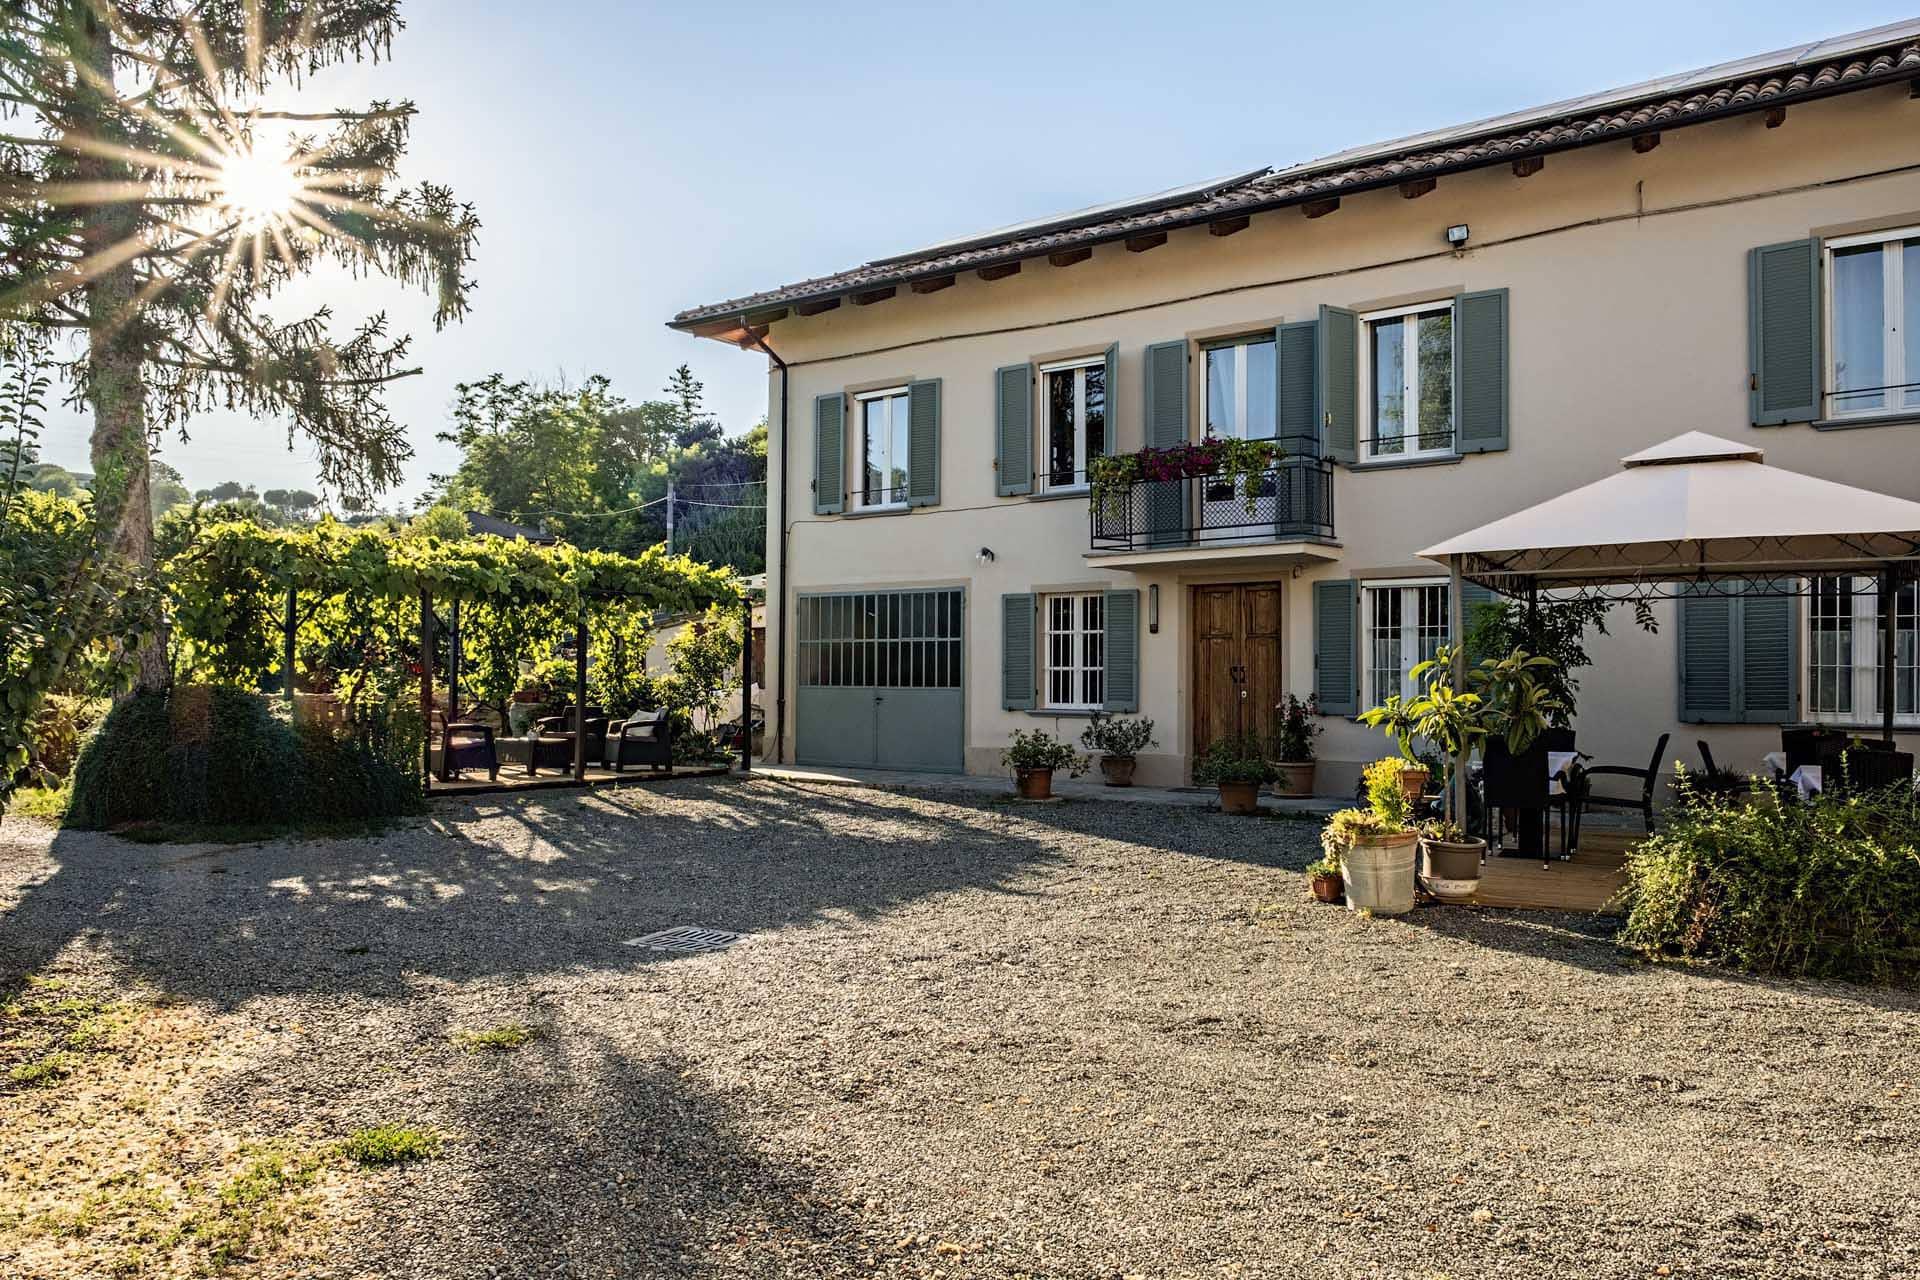 Villa-curte-Nicia-cortile.jpg